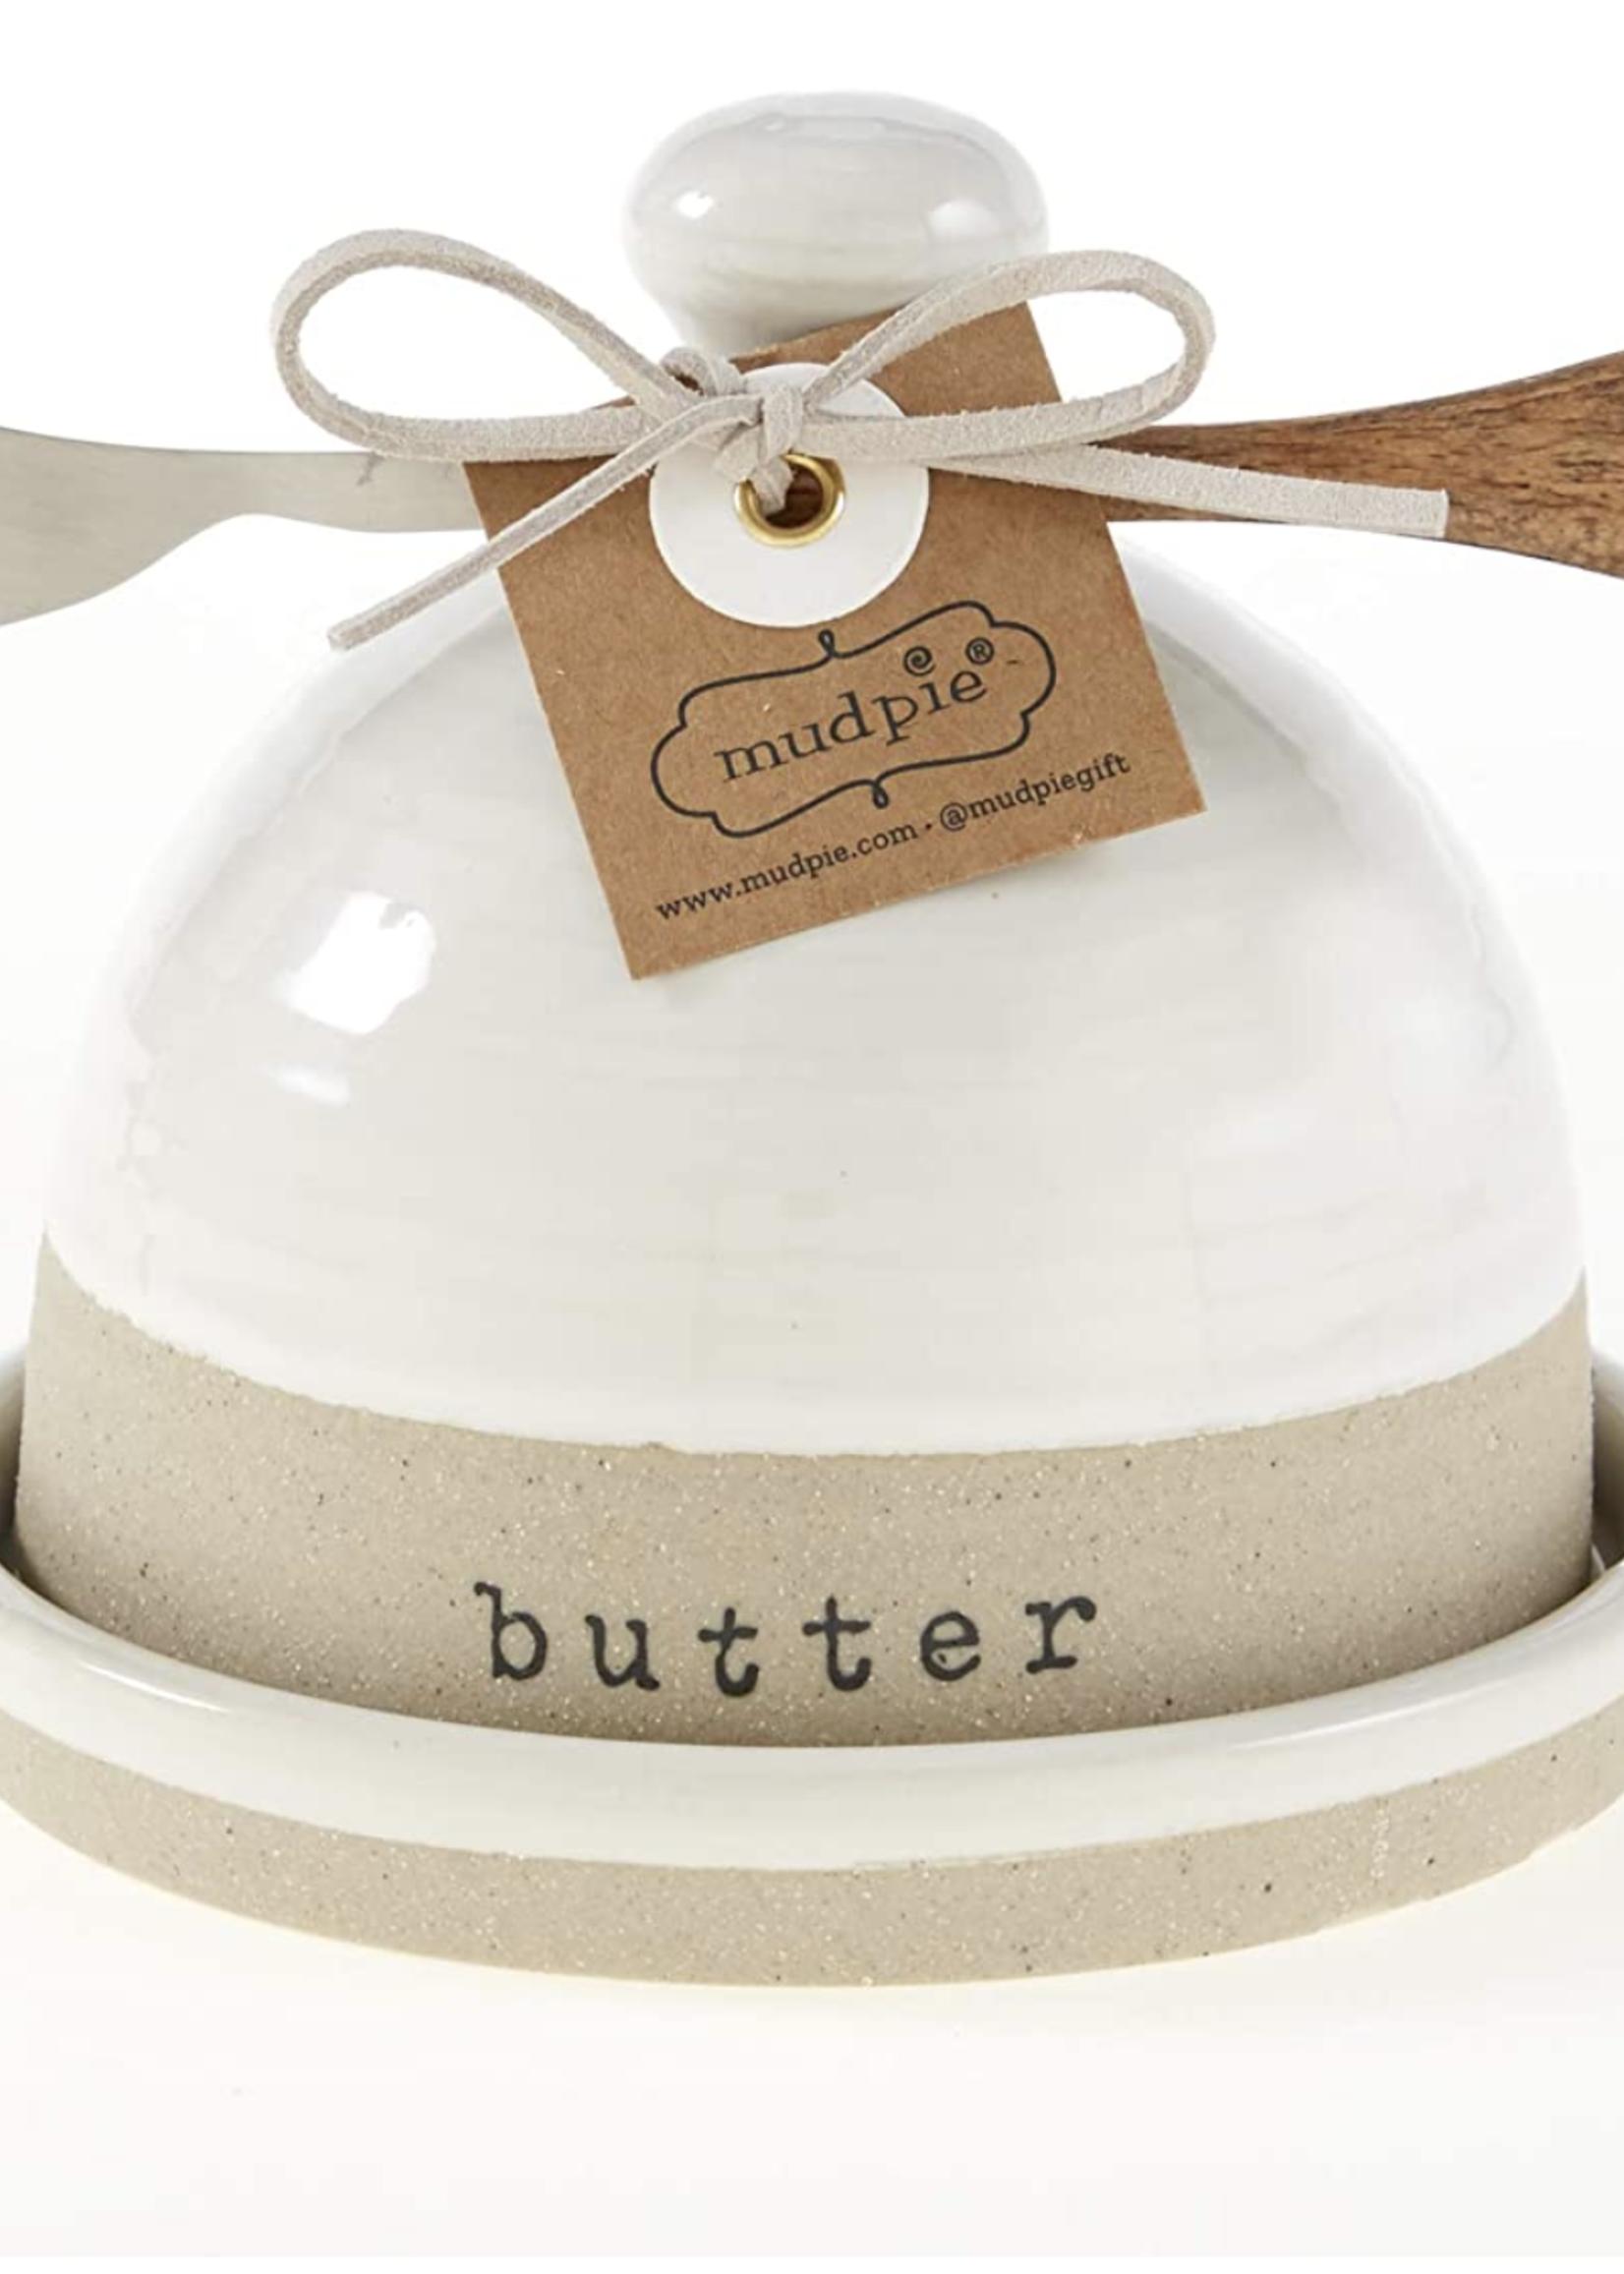 Mud Pie Stoneware Butter Dish